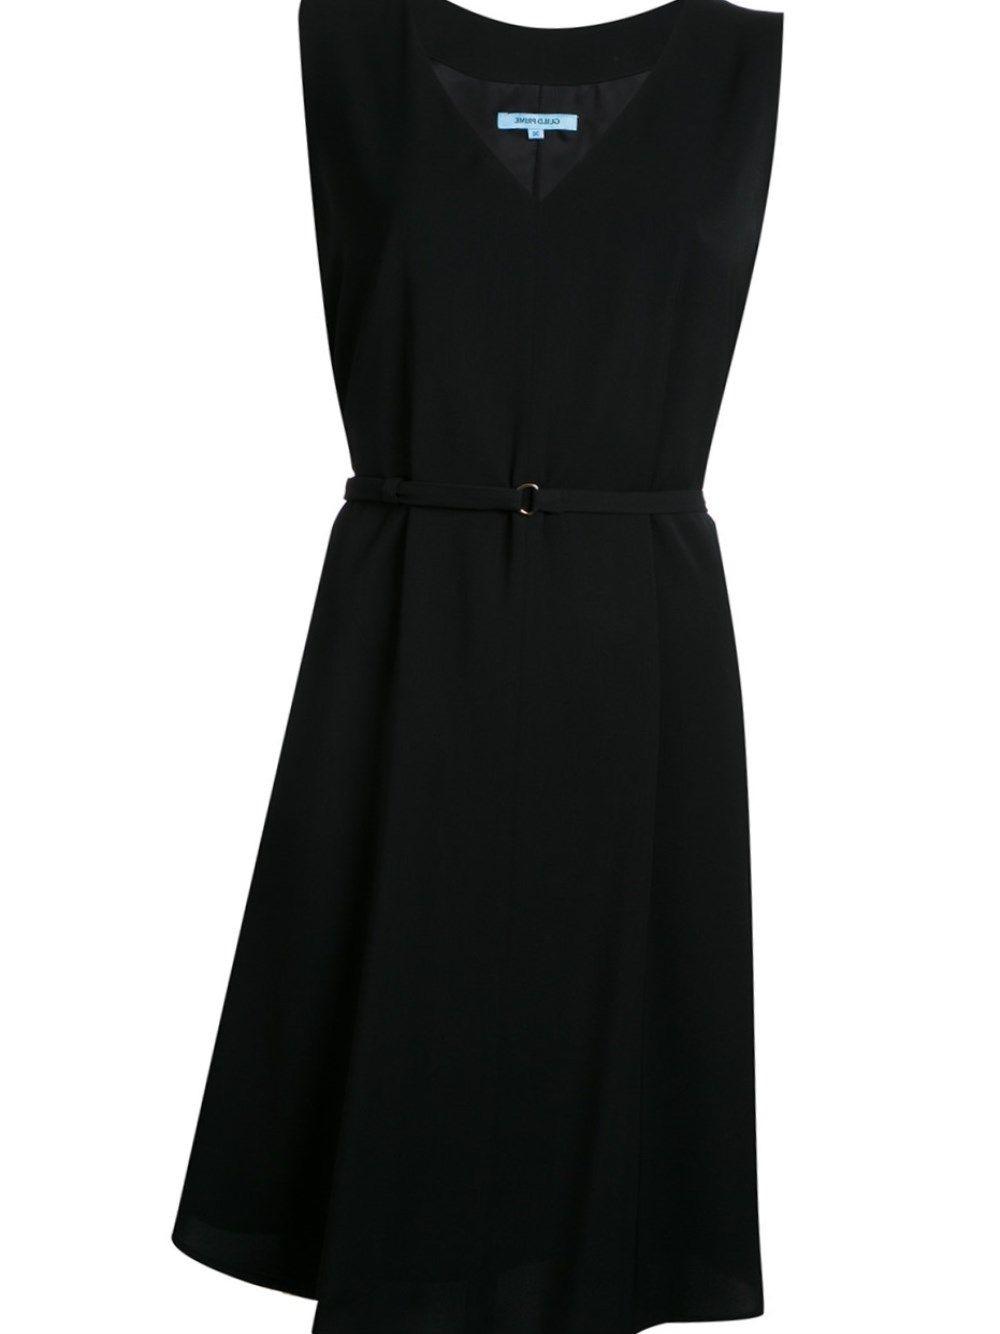 15 Genial Tageskleider Damen Design20 Wunderbar Tageskleider Damen Stylish